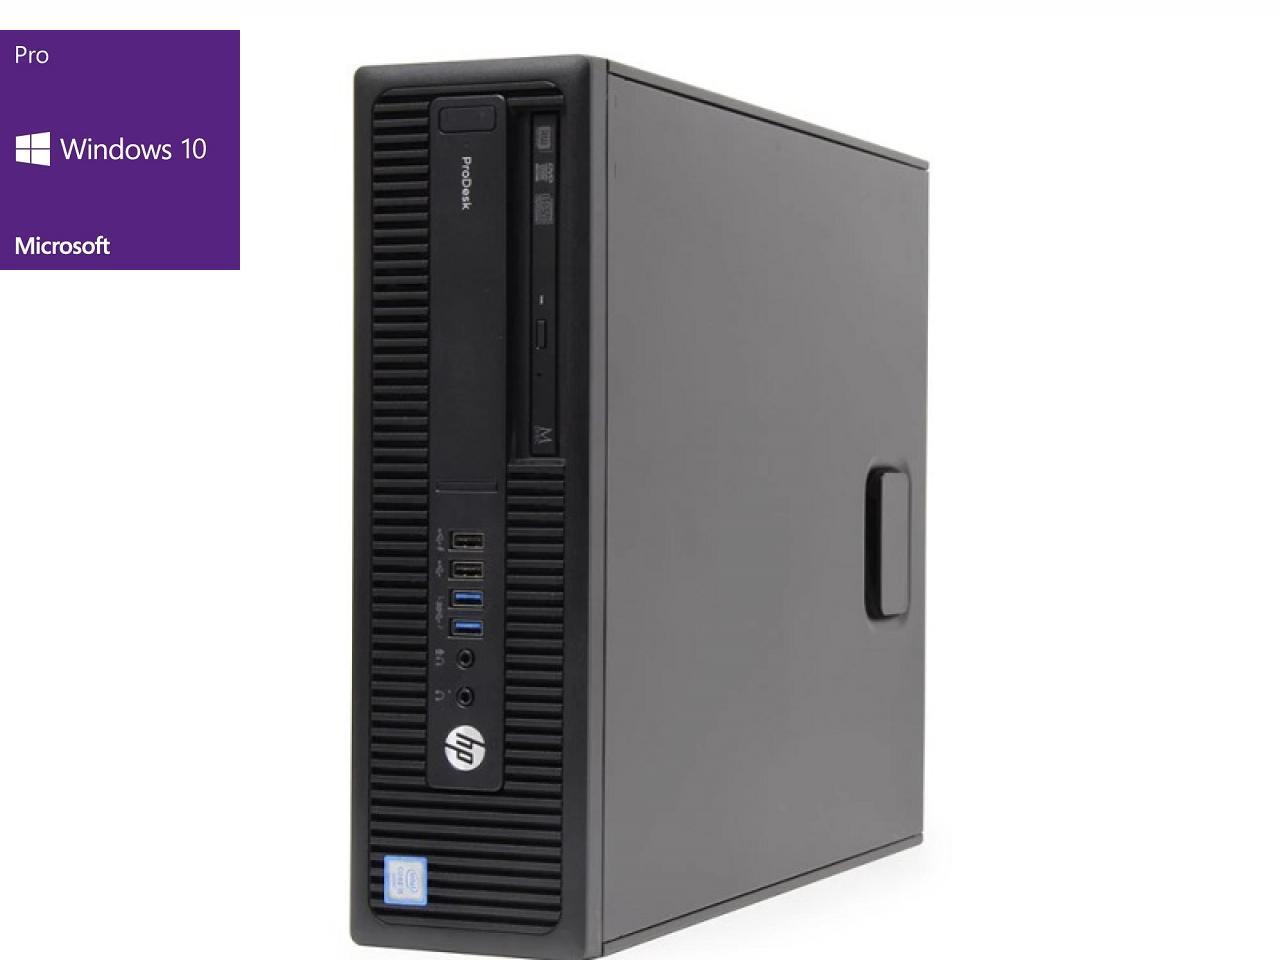 Hewlett Packard ProDesk 600 G2 SFF